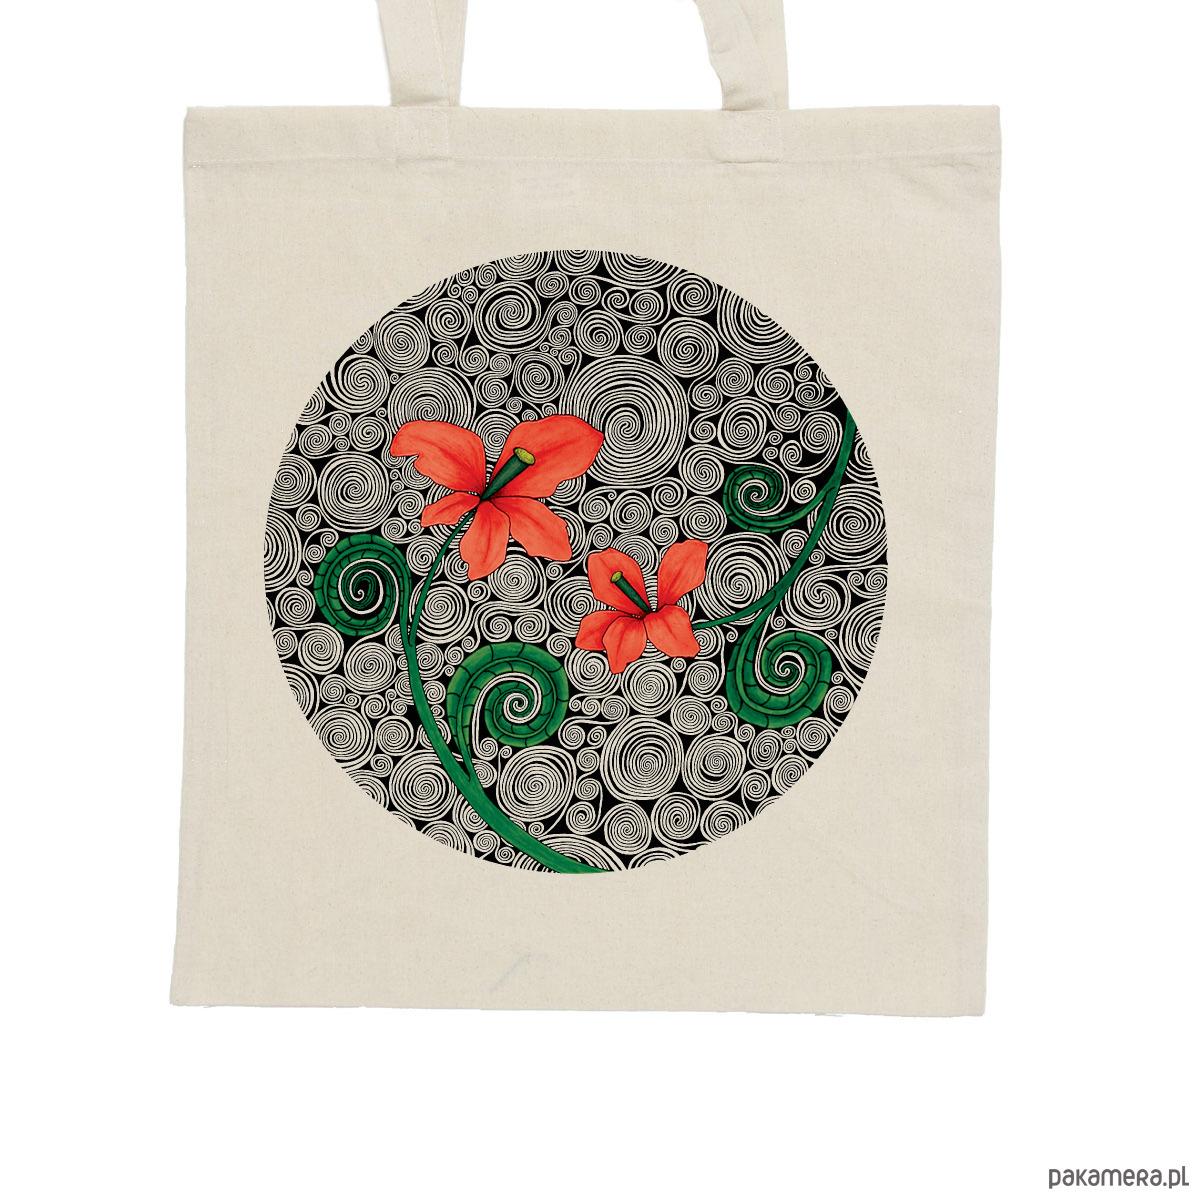 334af0cc231cb Czerwone kwiaty - torba bawełniana ecru - torby na zakupy - unisex -  Pakamera.pl